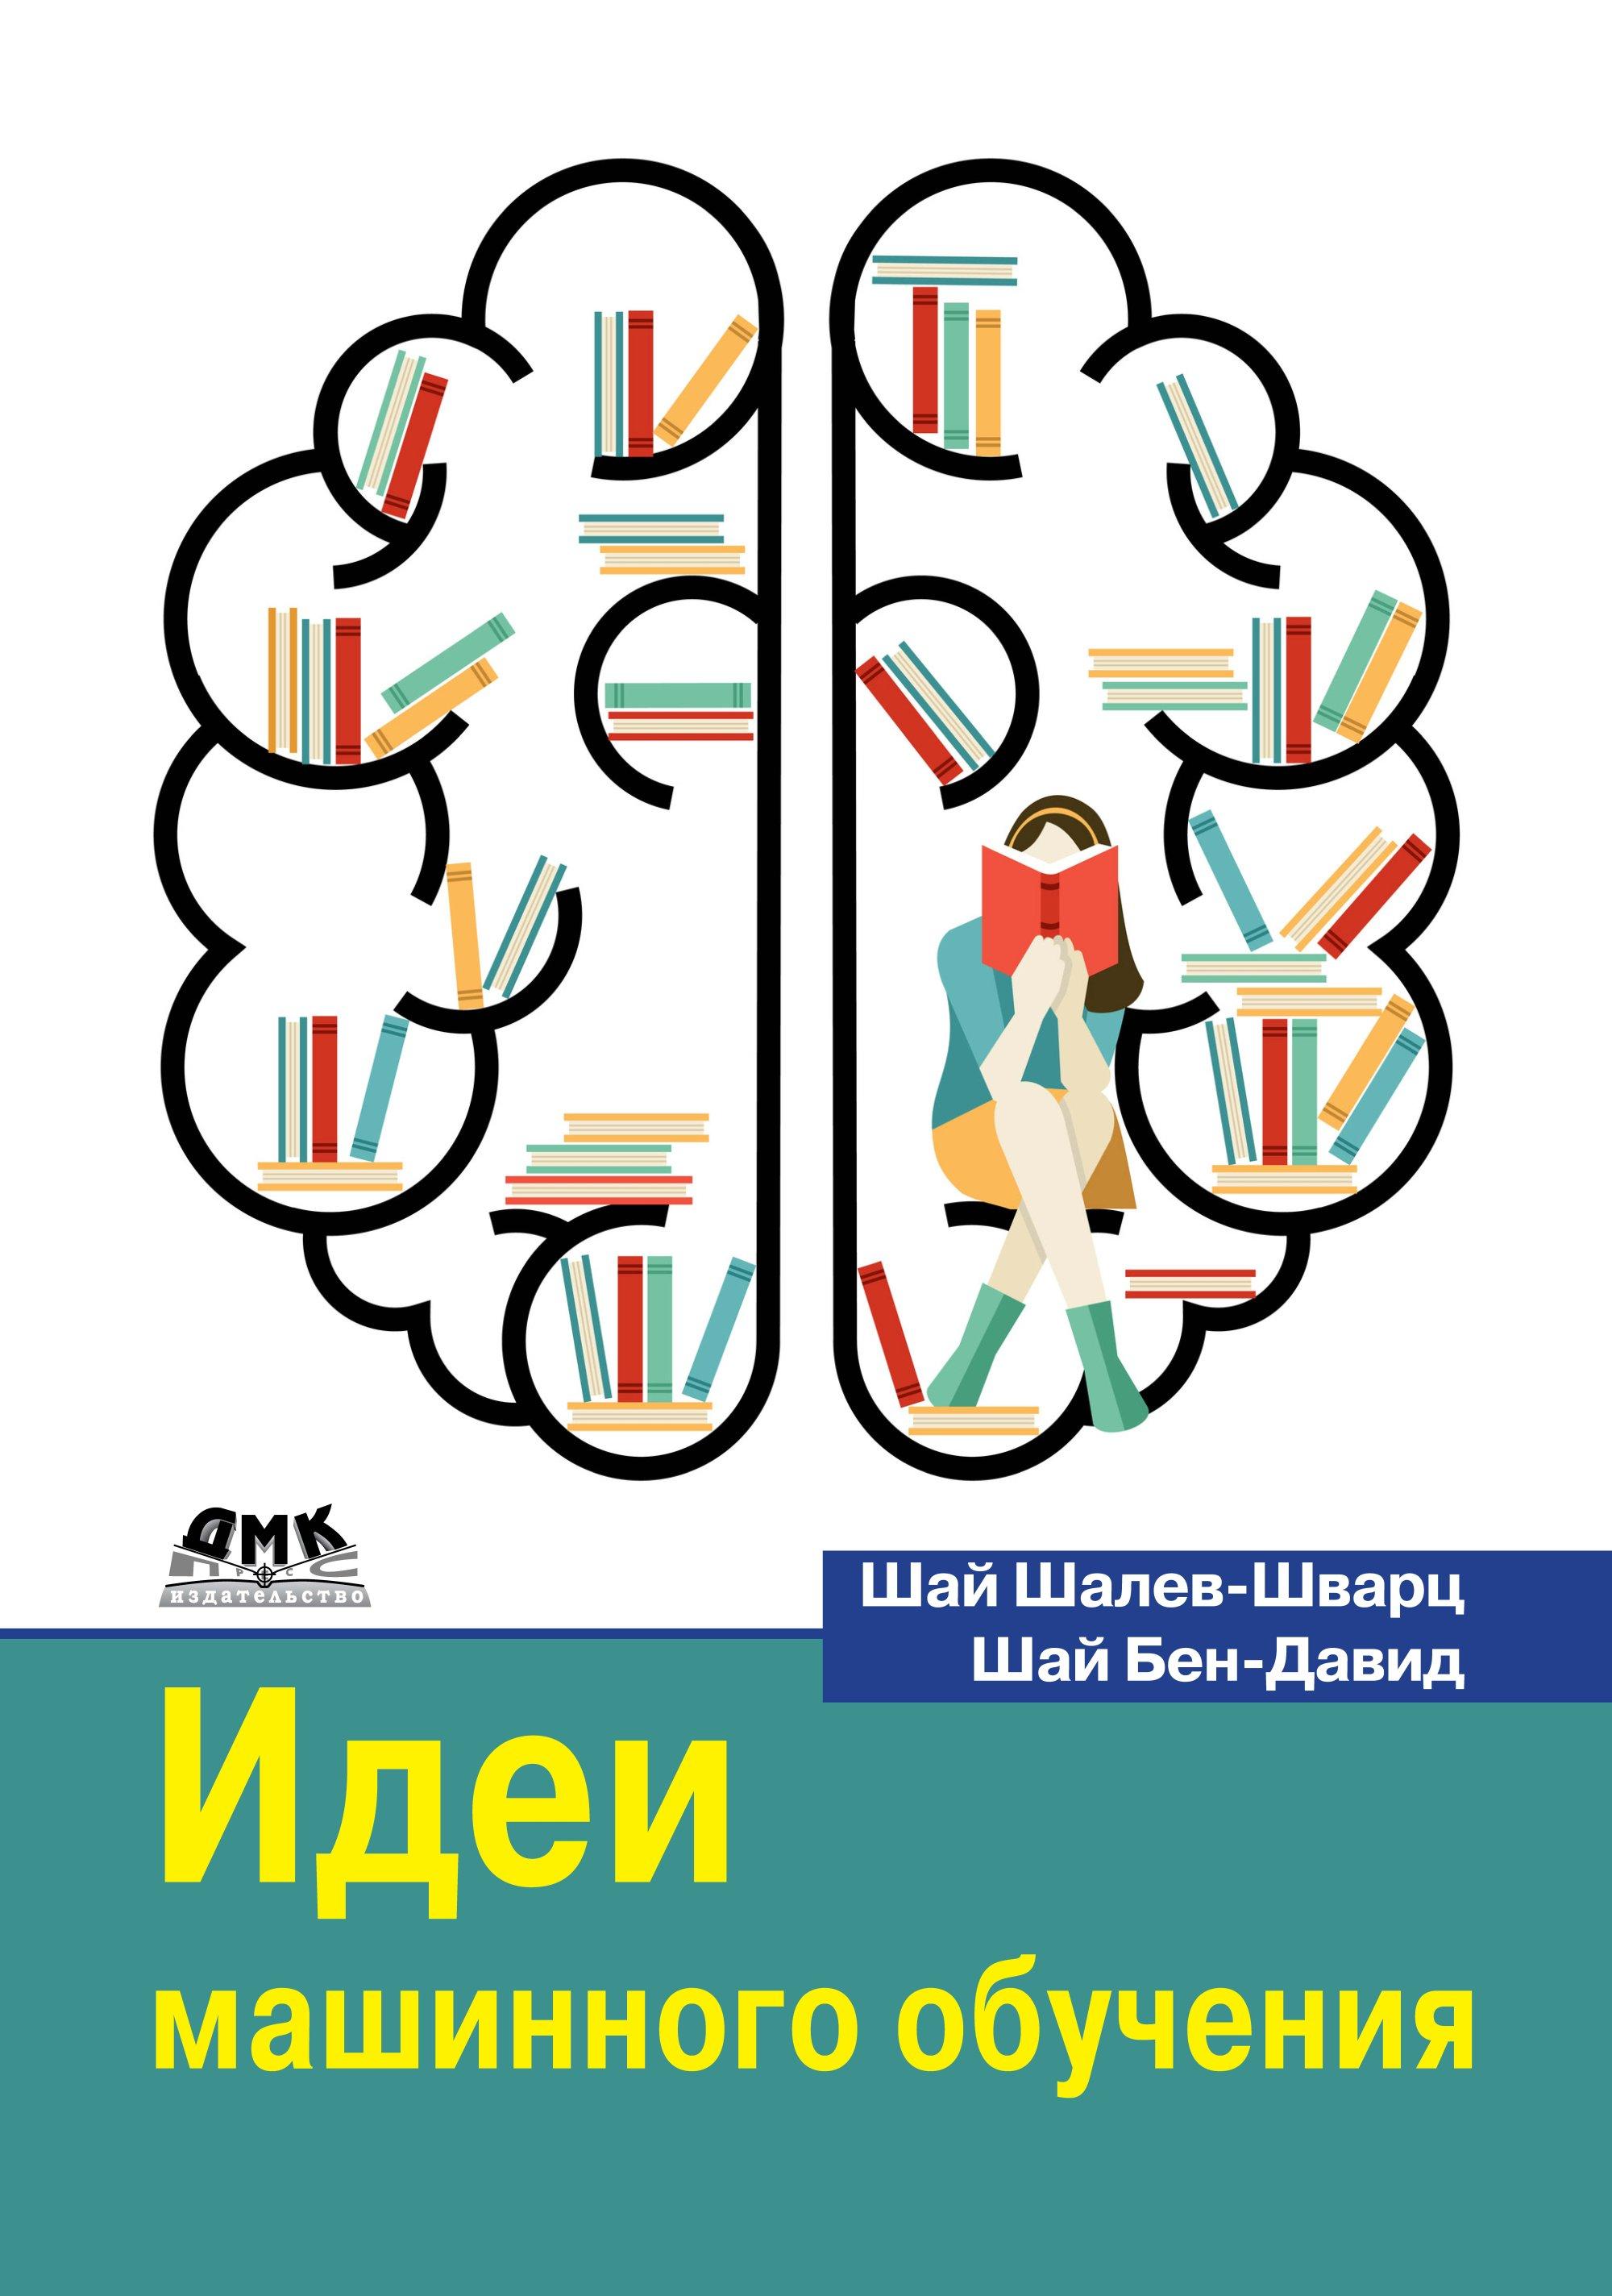 Шай Шалев-Шварц Идеи машинного обучения. От теории к алгоритмам в в вьюгин математические основы машинного обучения и прогнозирования